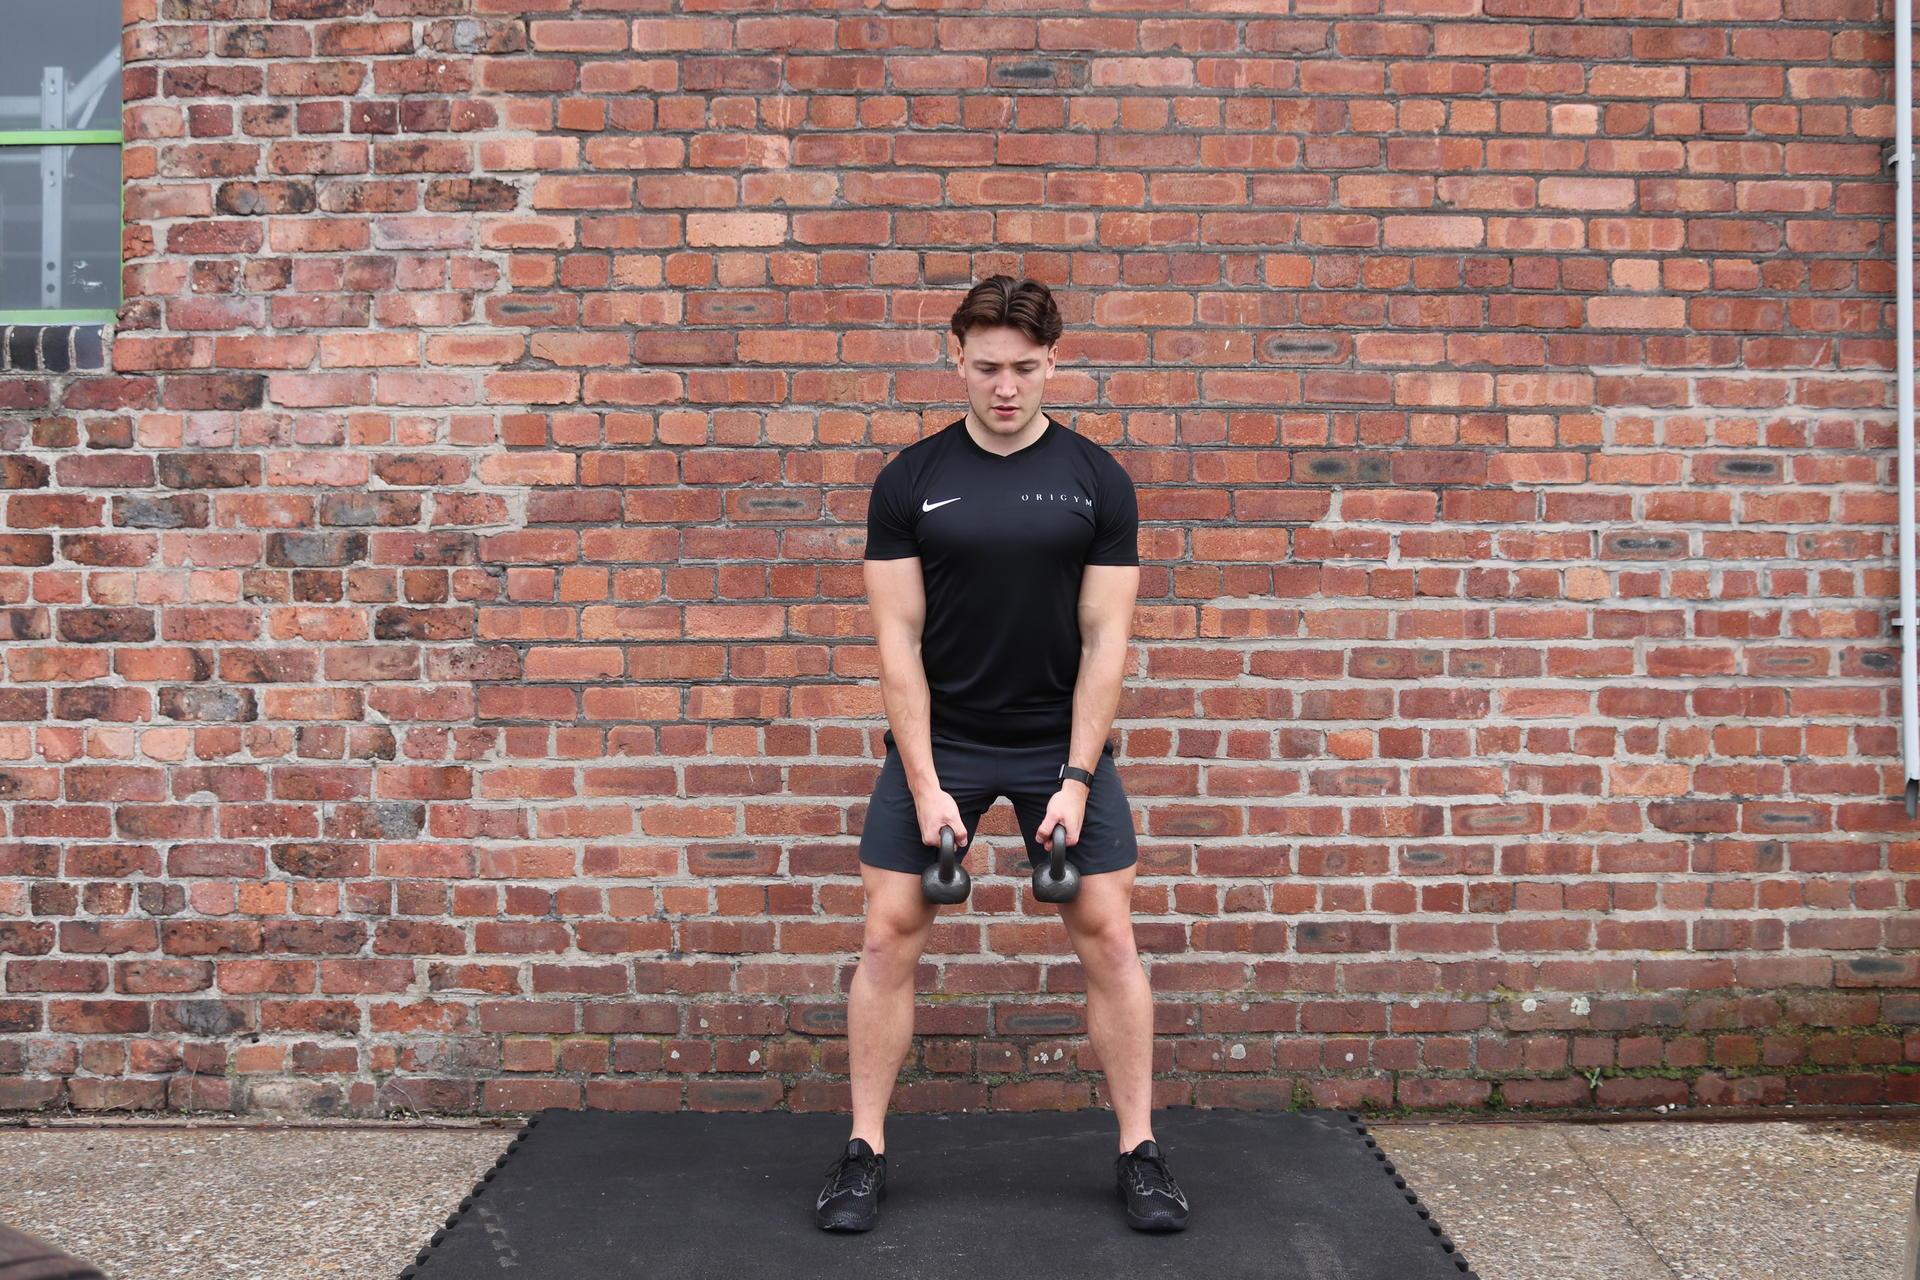 best kettlebell leg exercises